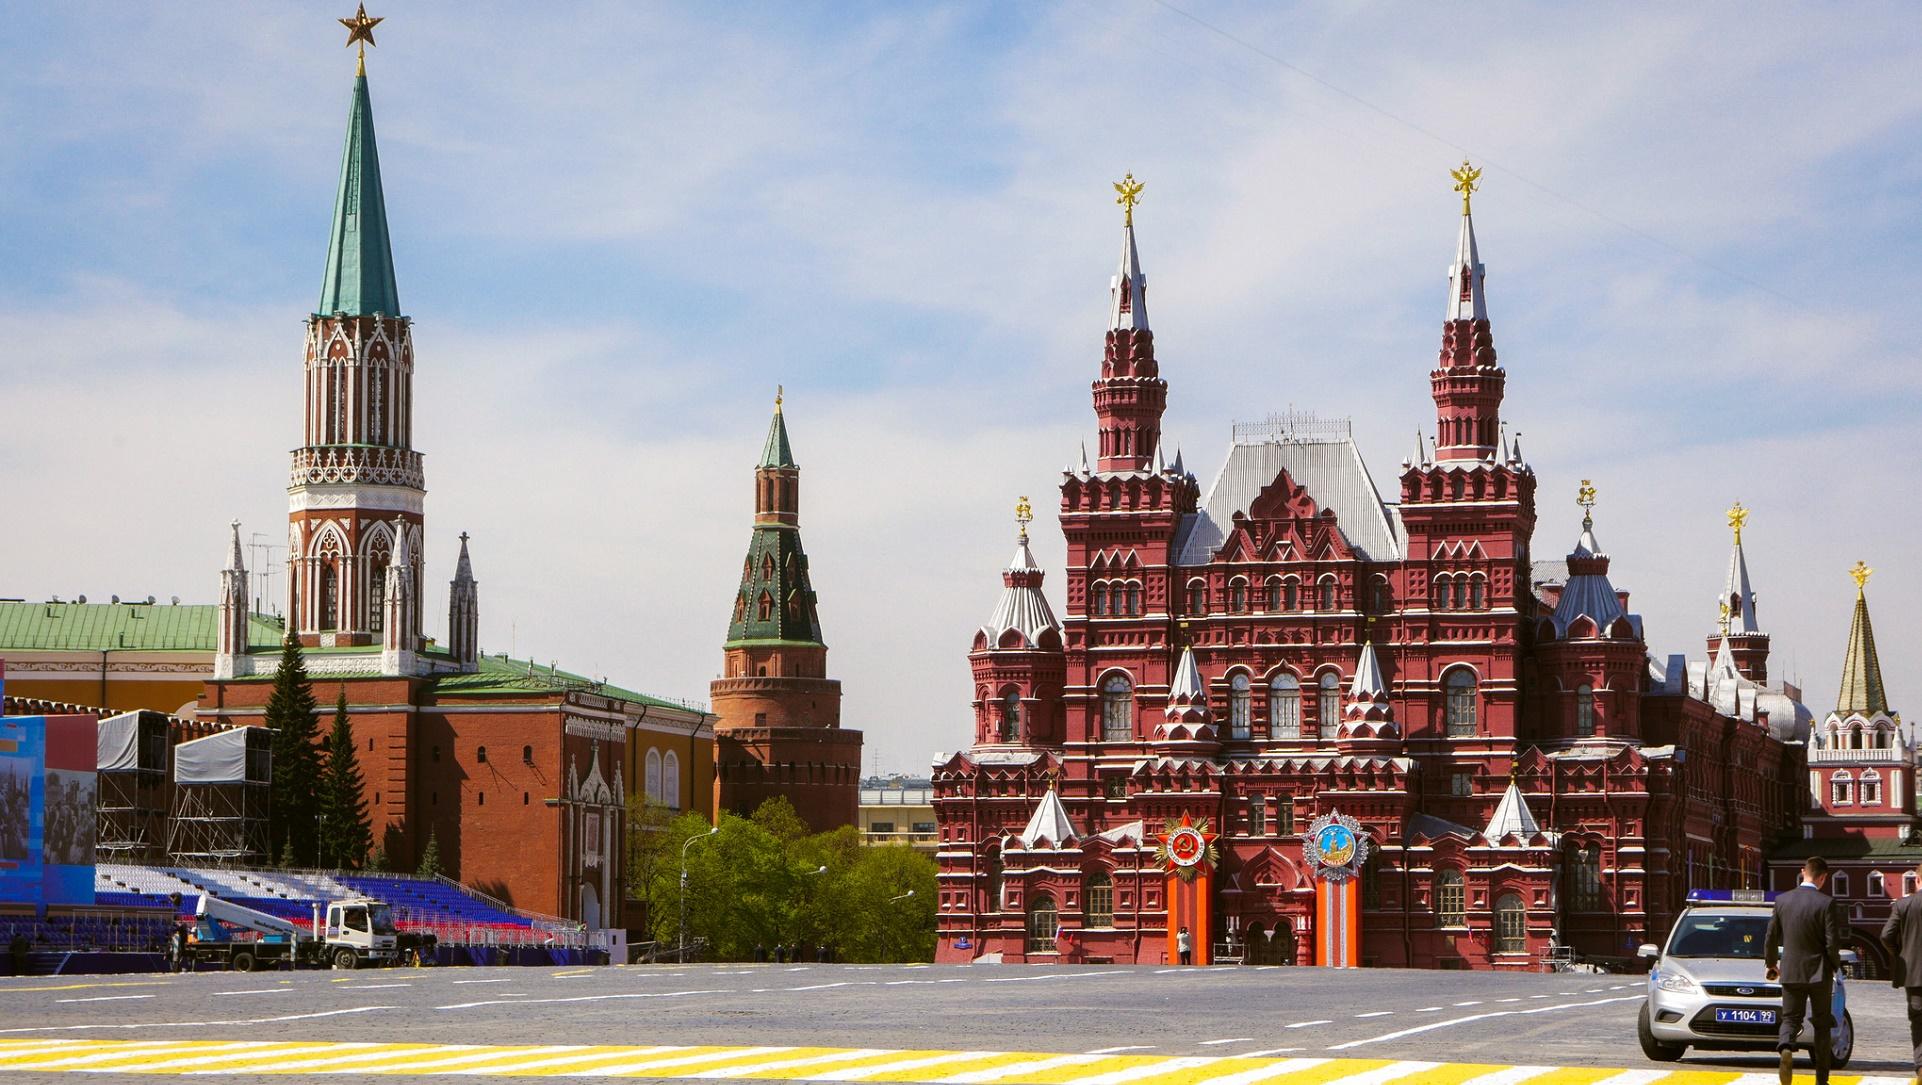 El buscador ruso Yandex quiere lanzar un microbús autónomo